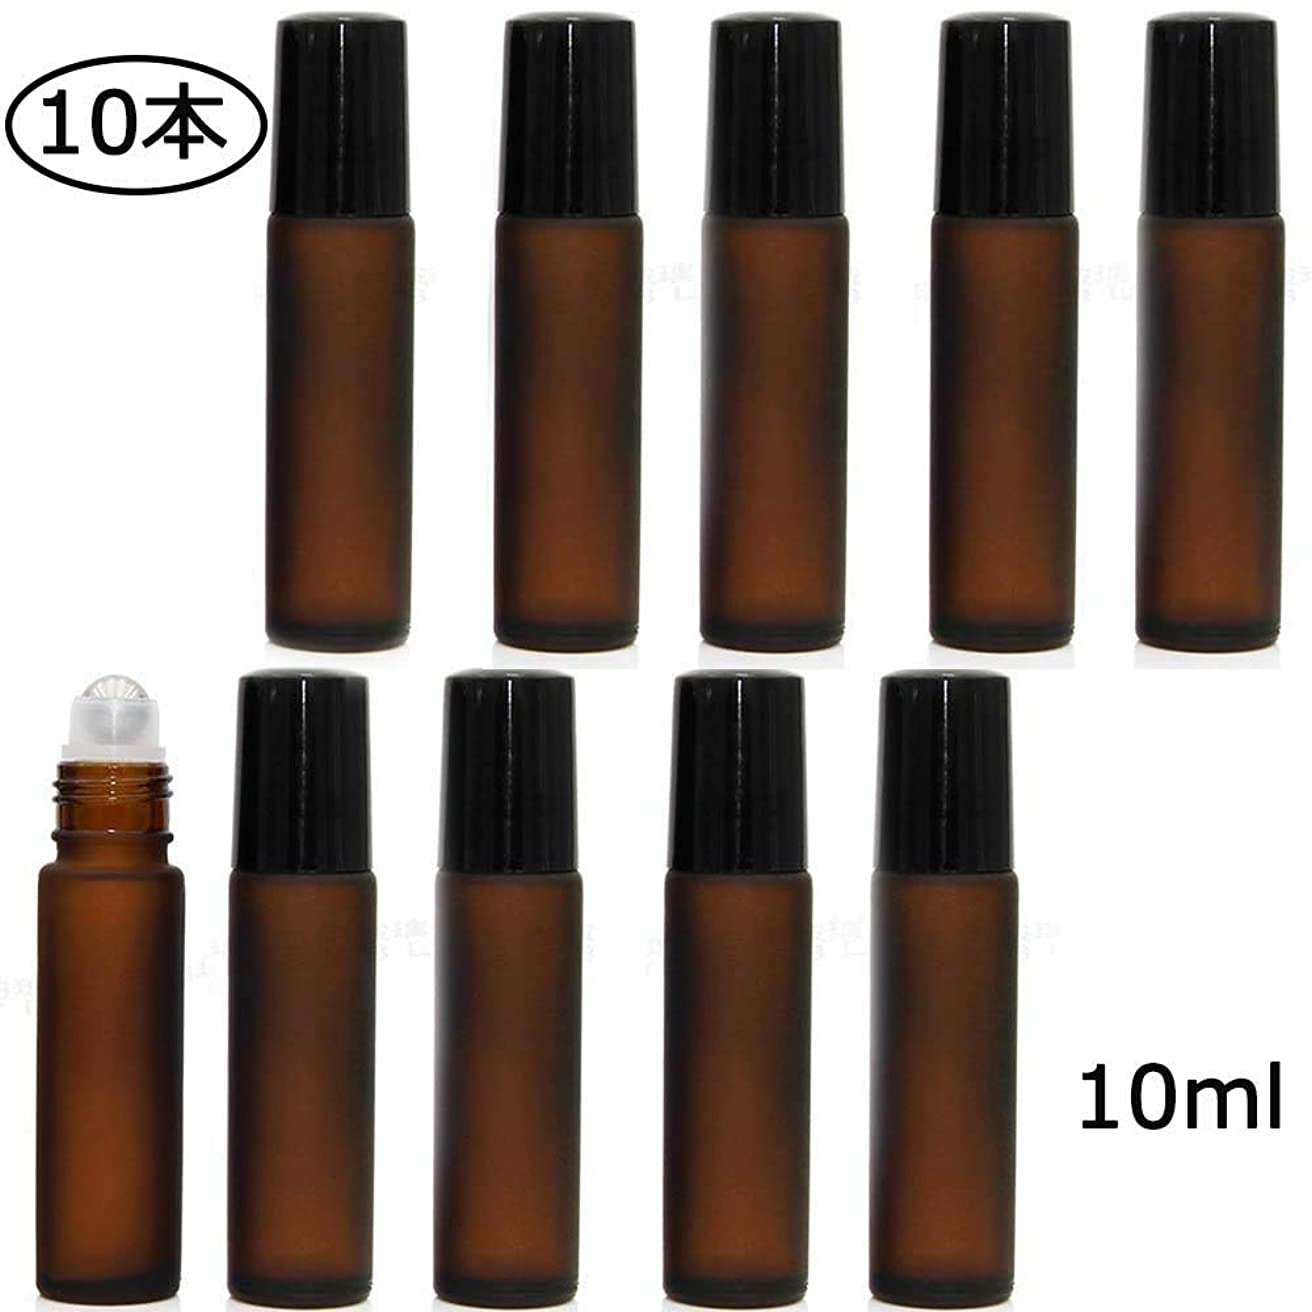 キャリッジ先生施設gundoop ロールオンボトル アロマオイル 精油 小分け用 遮光瓶 10ml 10本セット ガラスロールタイプ (茶色)